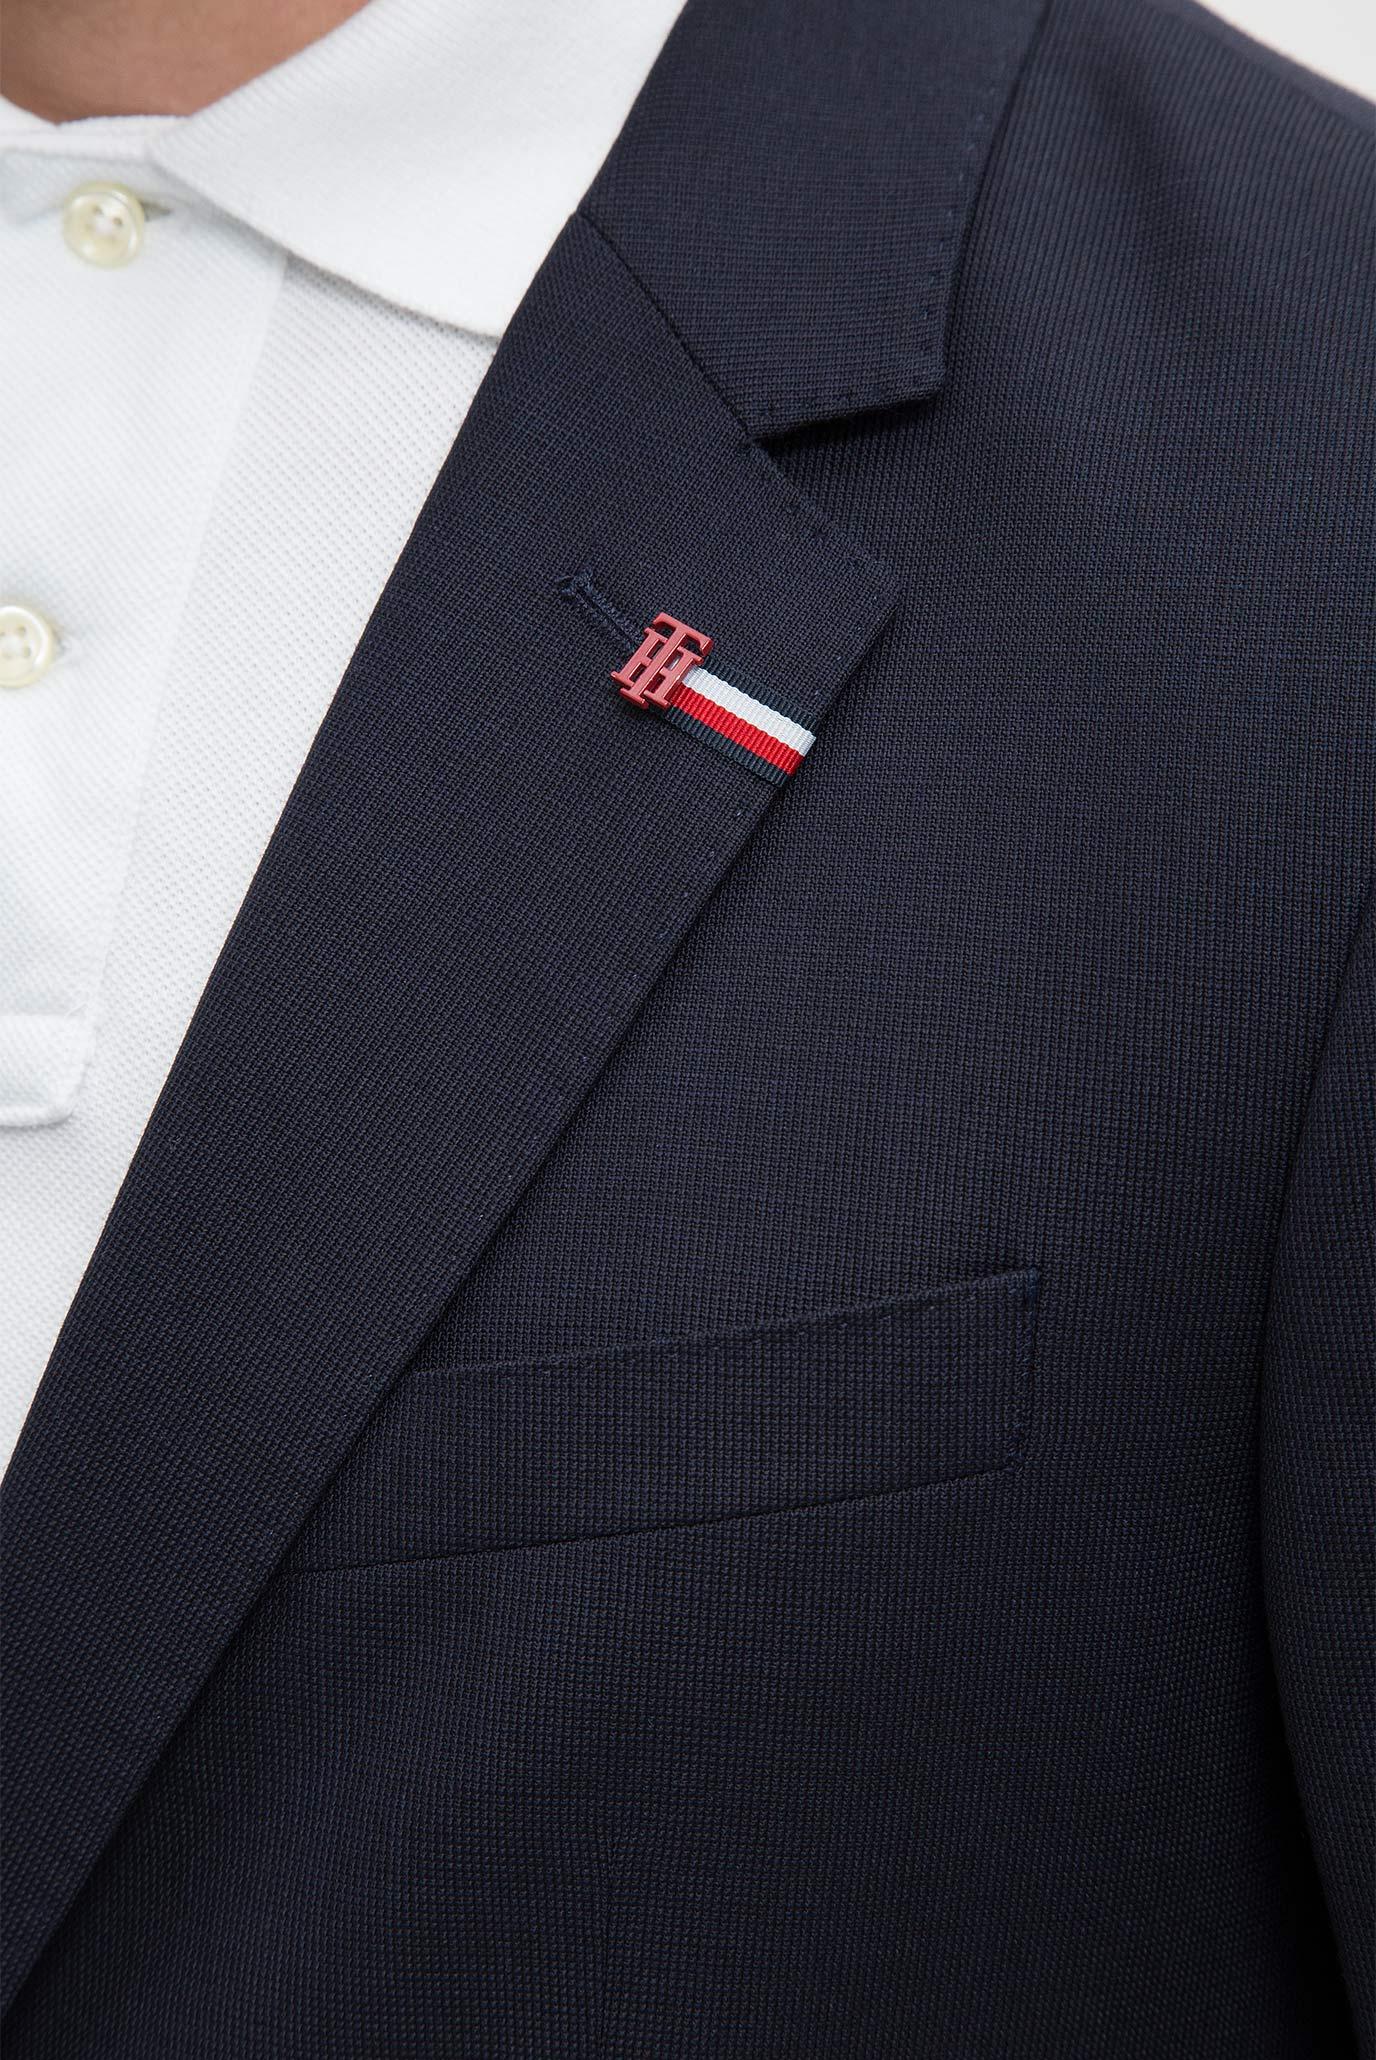 Купить Мужской темно-синий пиджак Tommy Hilfiger Tommy Hilfiger TT0TT02317 – Киев, Украина. Цены в интернет магазине MD Fashion